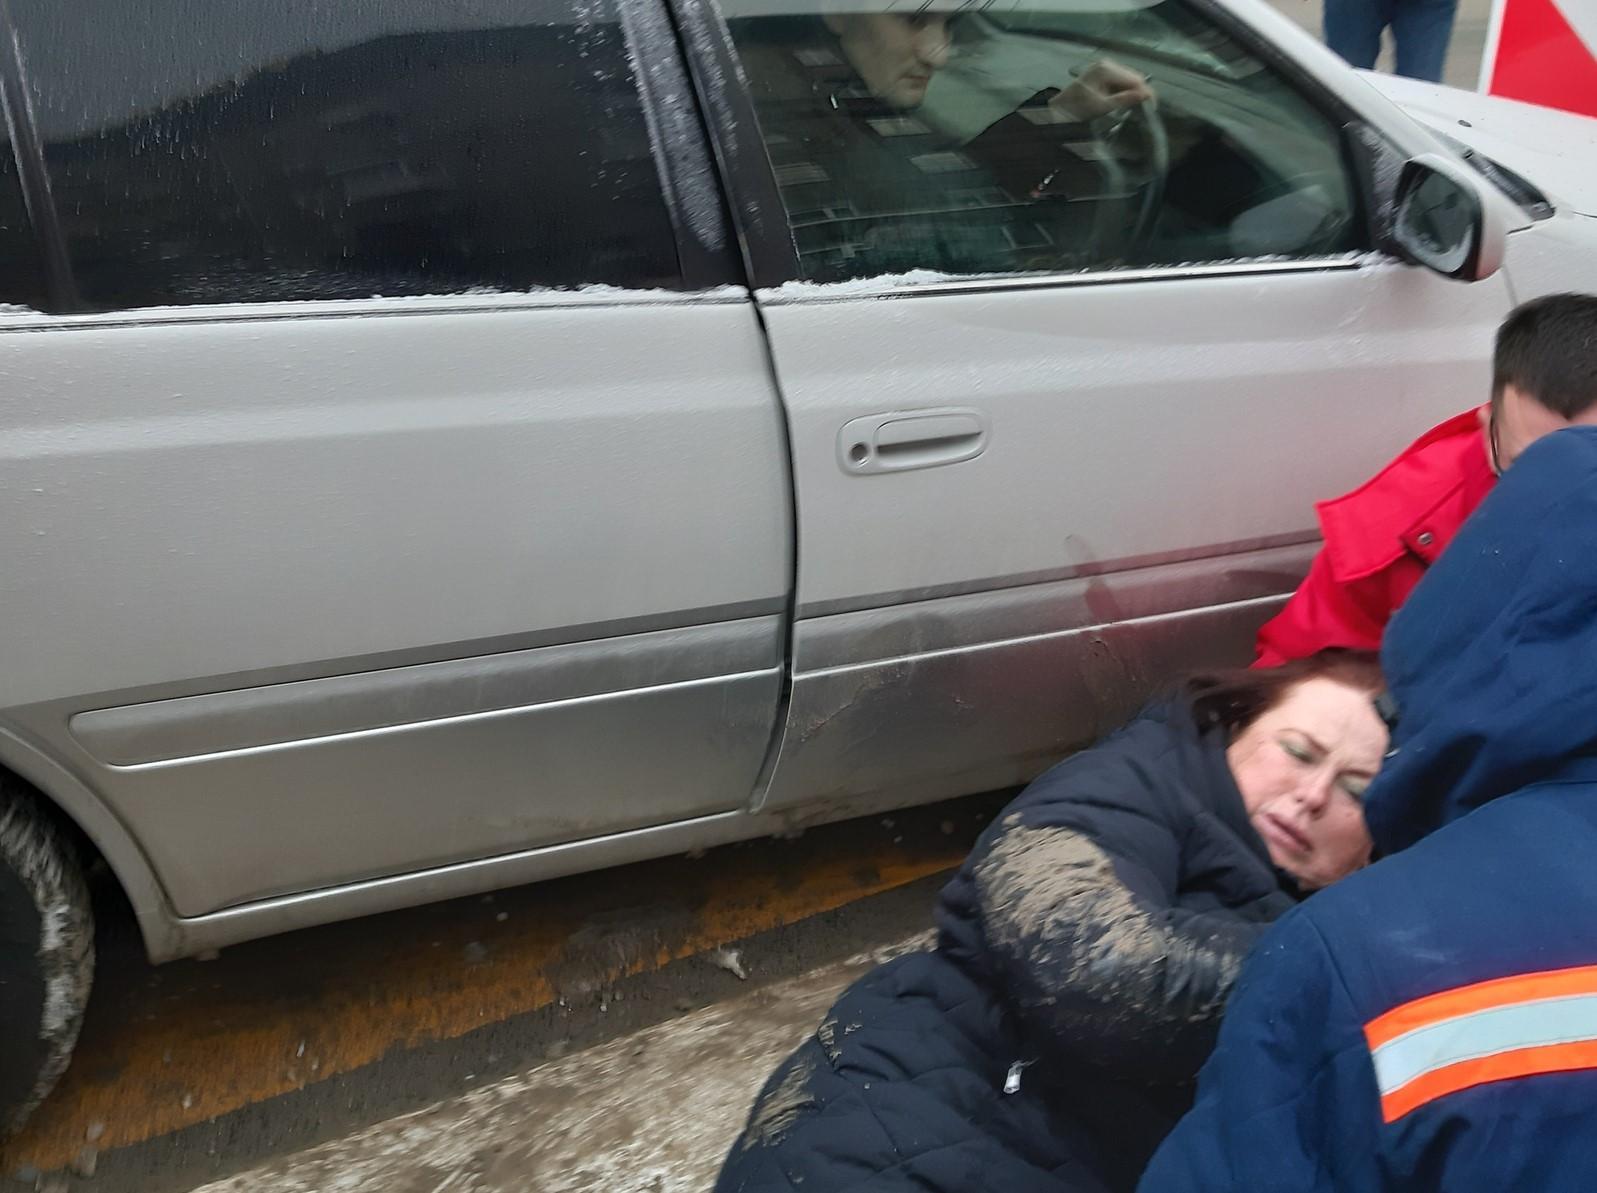 фото «Первая мысль – дома ждёт сынок»: молодая мать едва не попала под колёса въехавшего в толпу седана в Новосибирске 2